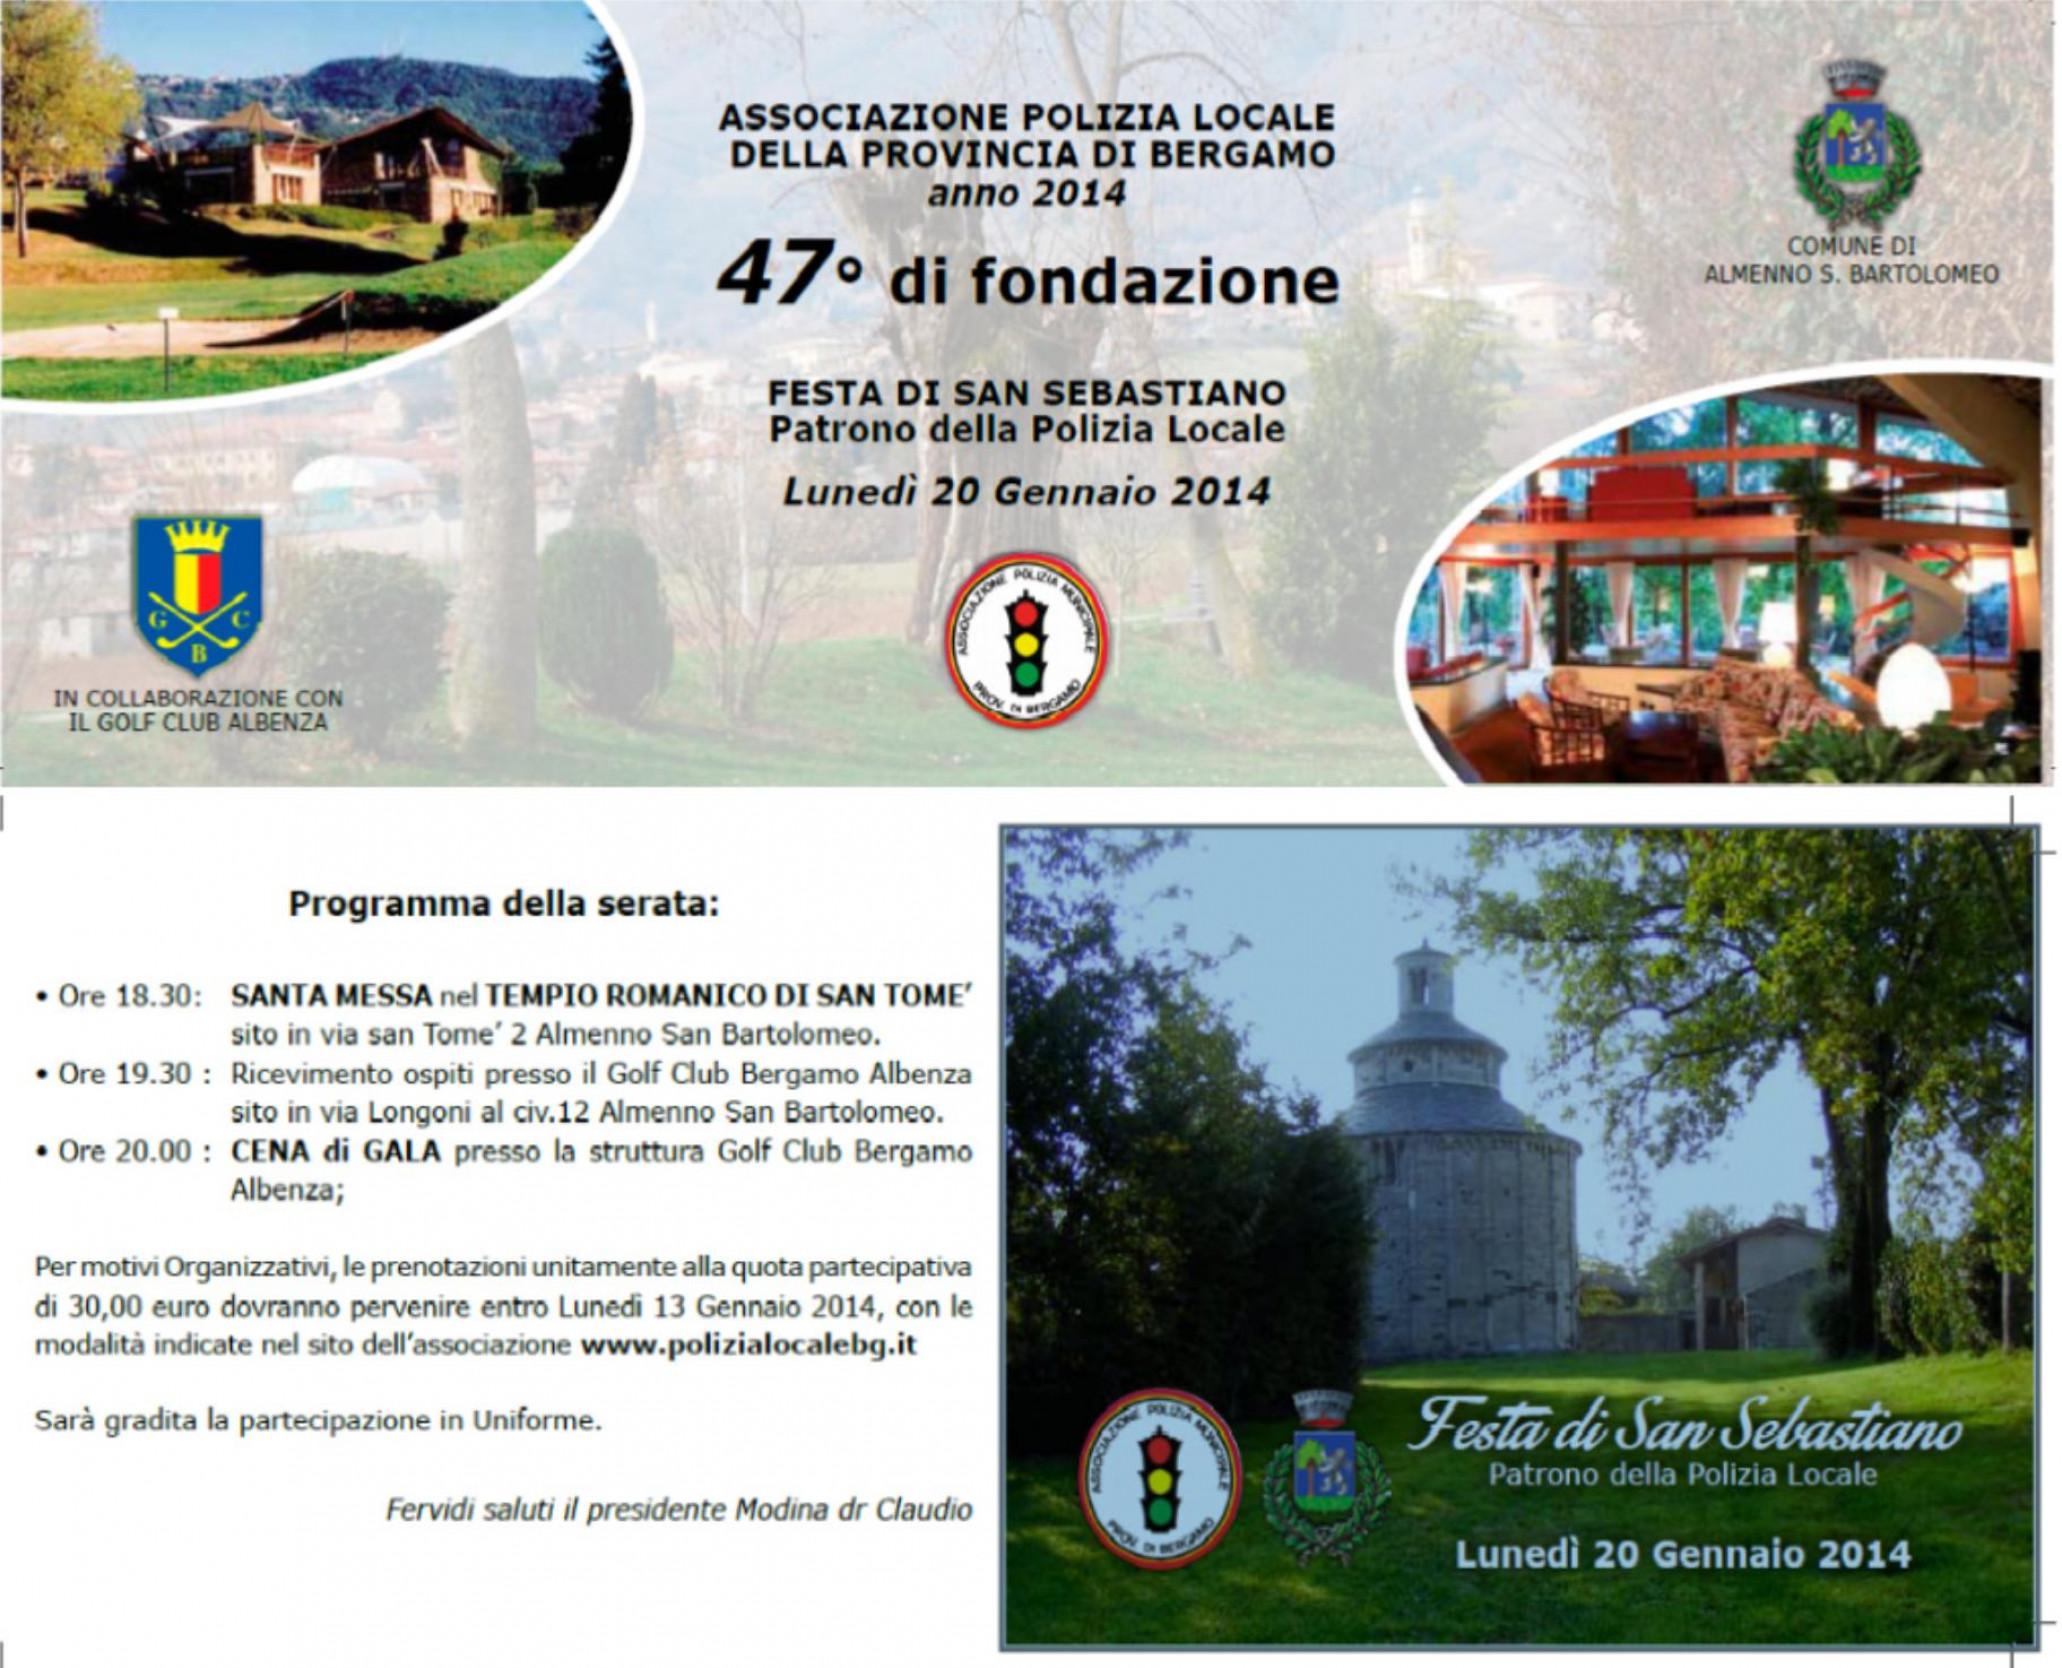 Polizia Locale Bergamo e Lecco – Indirizzi uffici